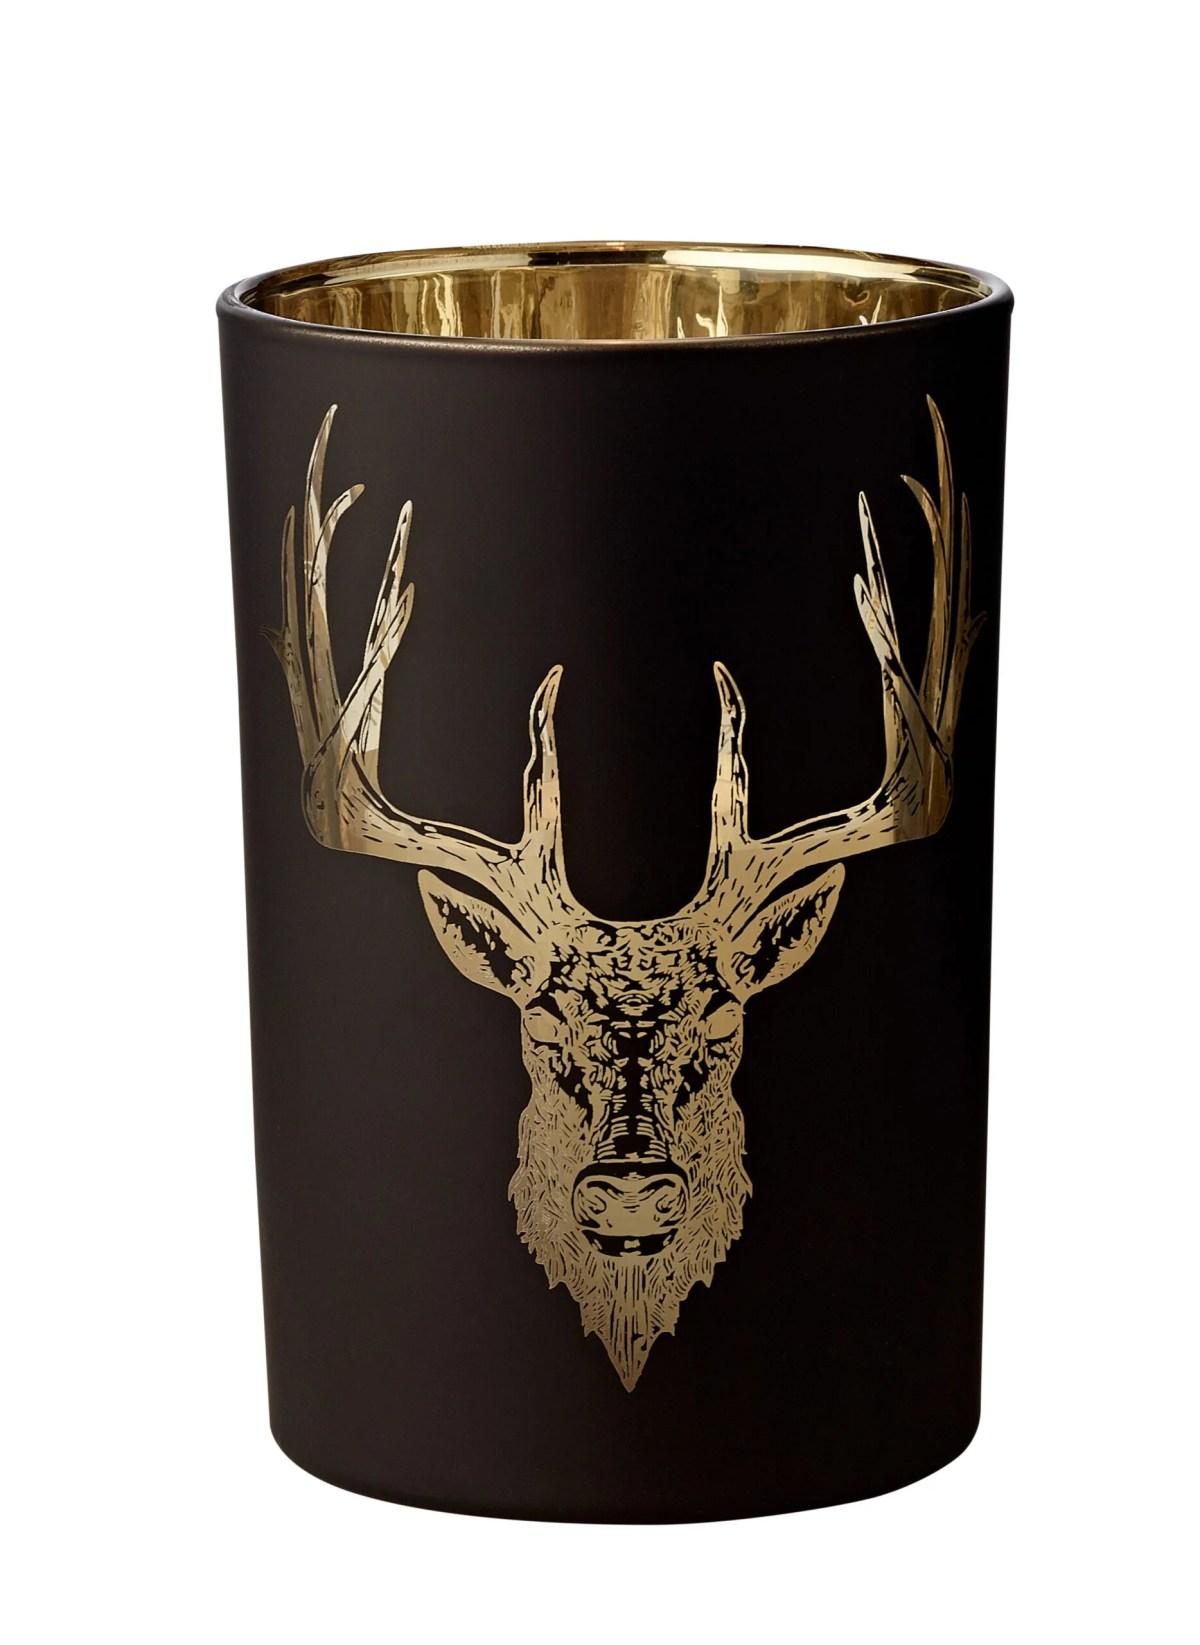 7149 Windlicht Teelichthalter Teelichtglas Wald, Hirsch-Motiv, schwarz / gold, Höhe 18 cm